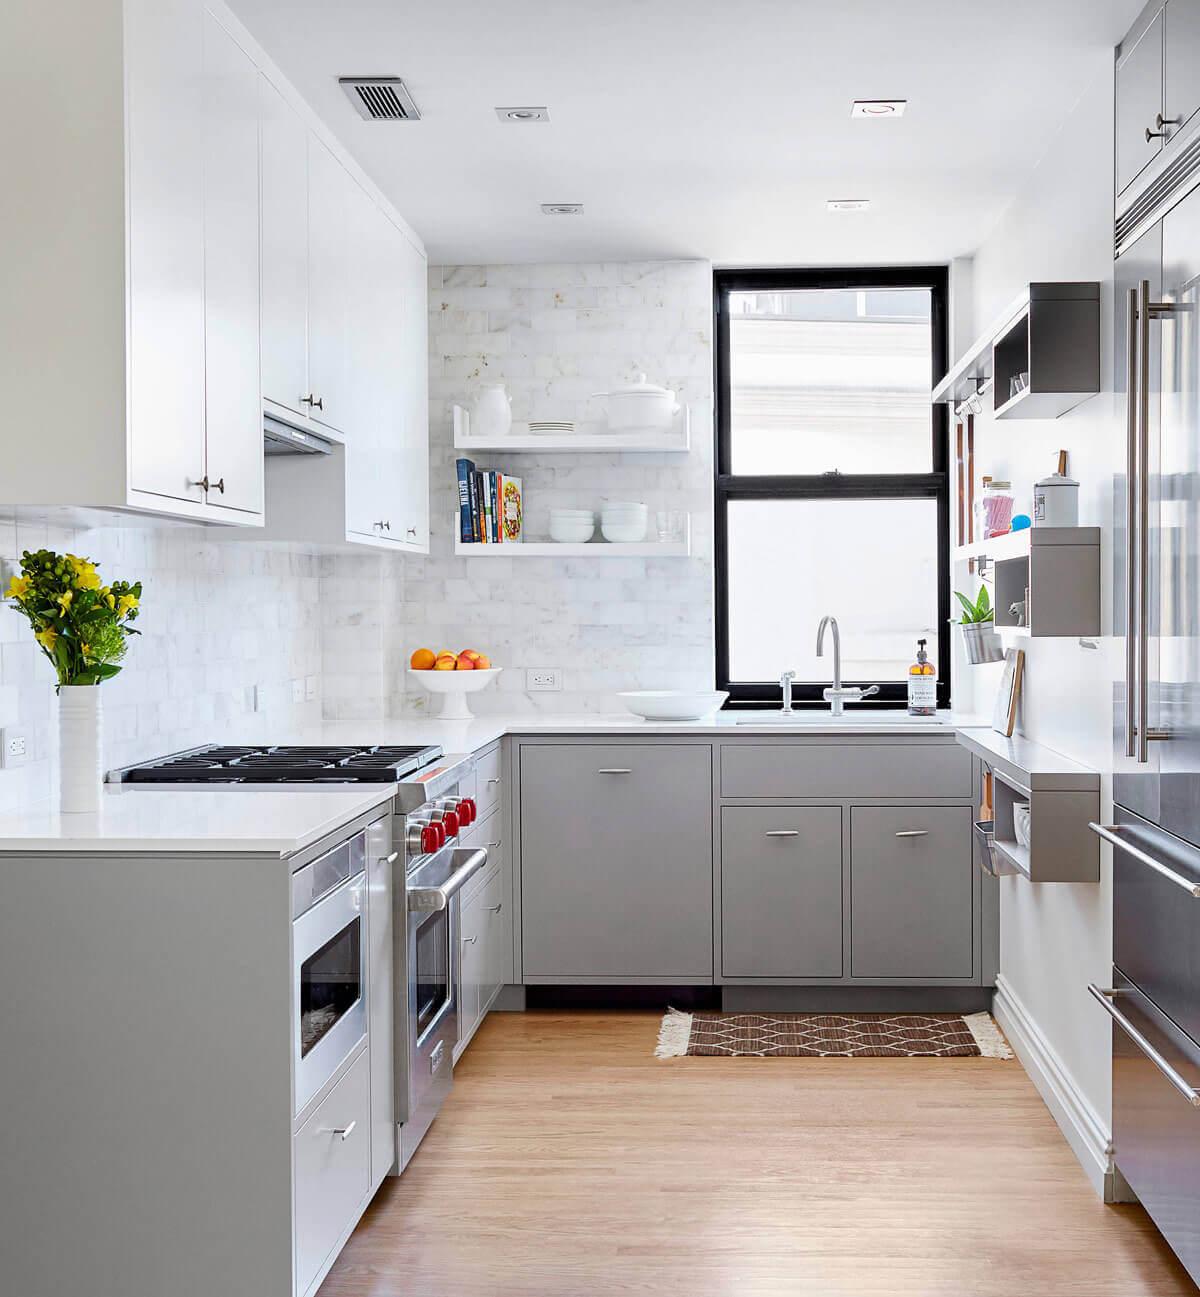 استفاده مناسب از لوازم دکوری در آشپزخانه - ربوطرح